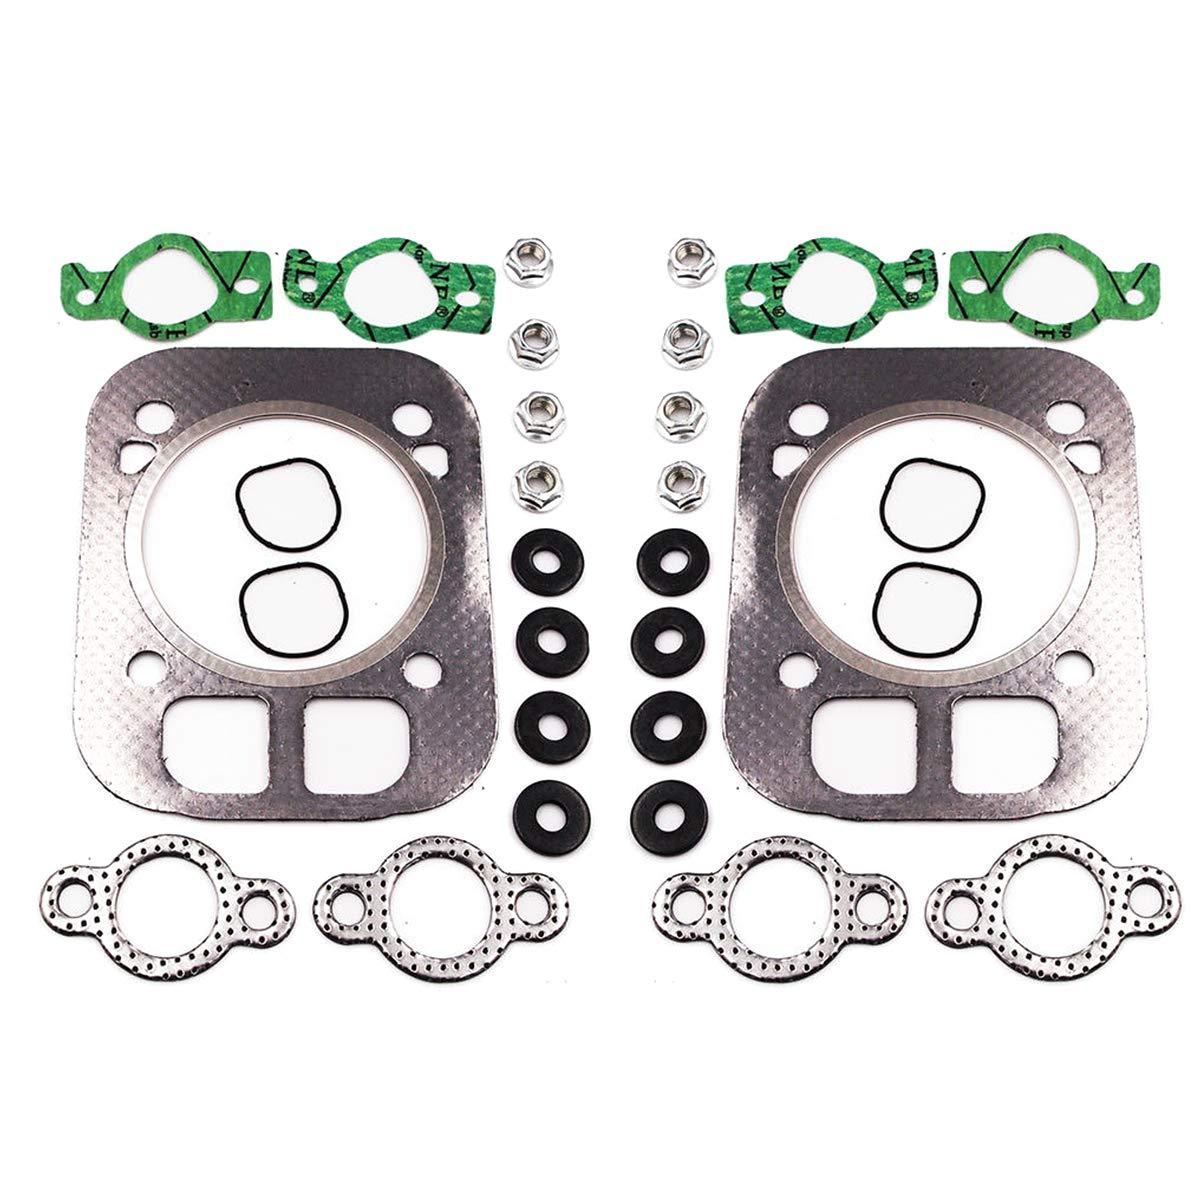 Head Gasket Kit for Kohler CH25 CH730 CH740 24-841-04S 24 841 03S - 2 Set HAOCHENG